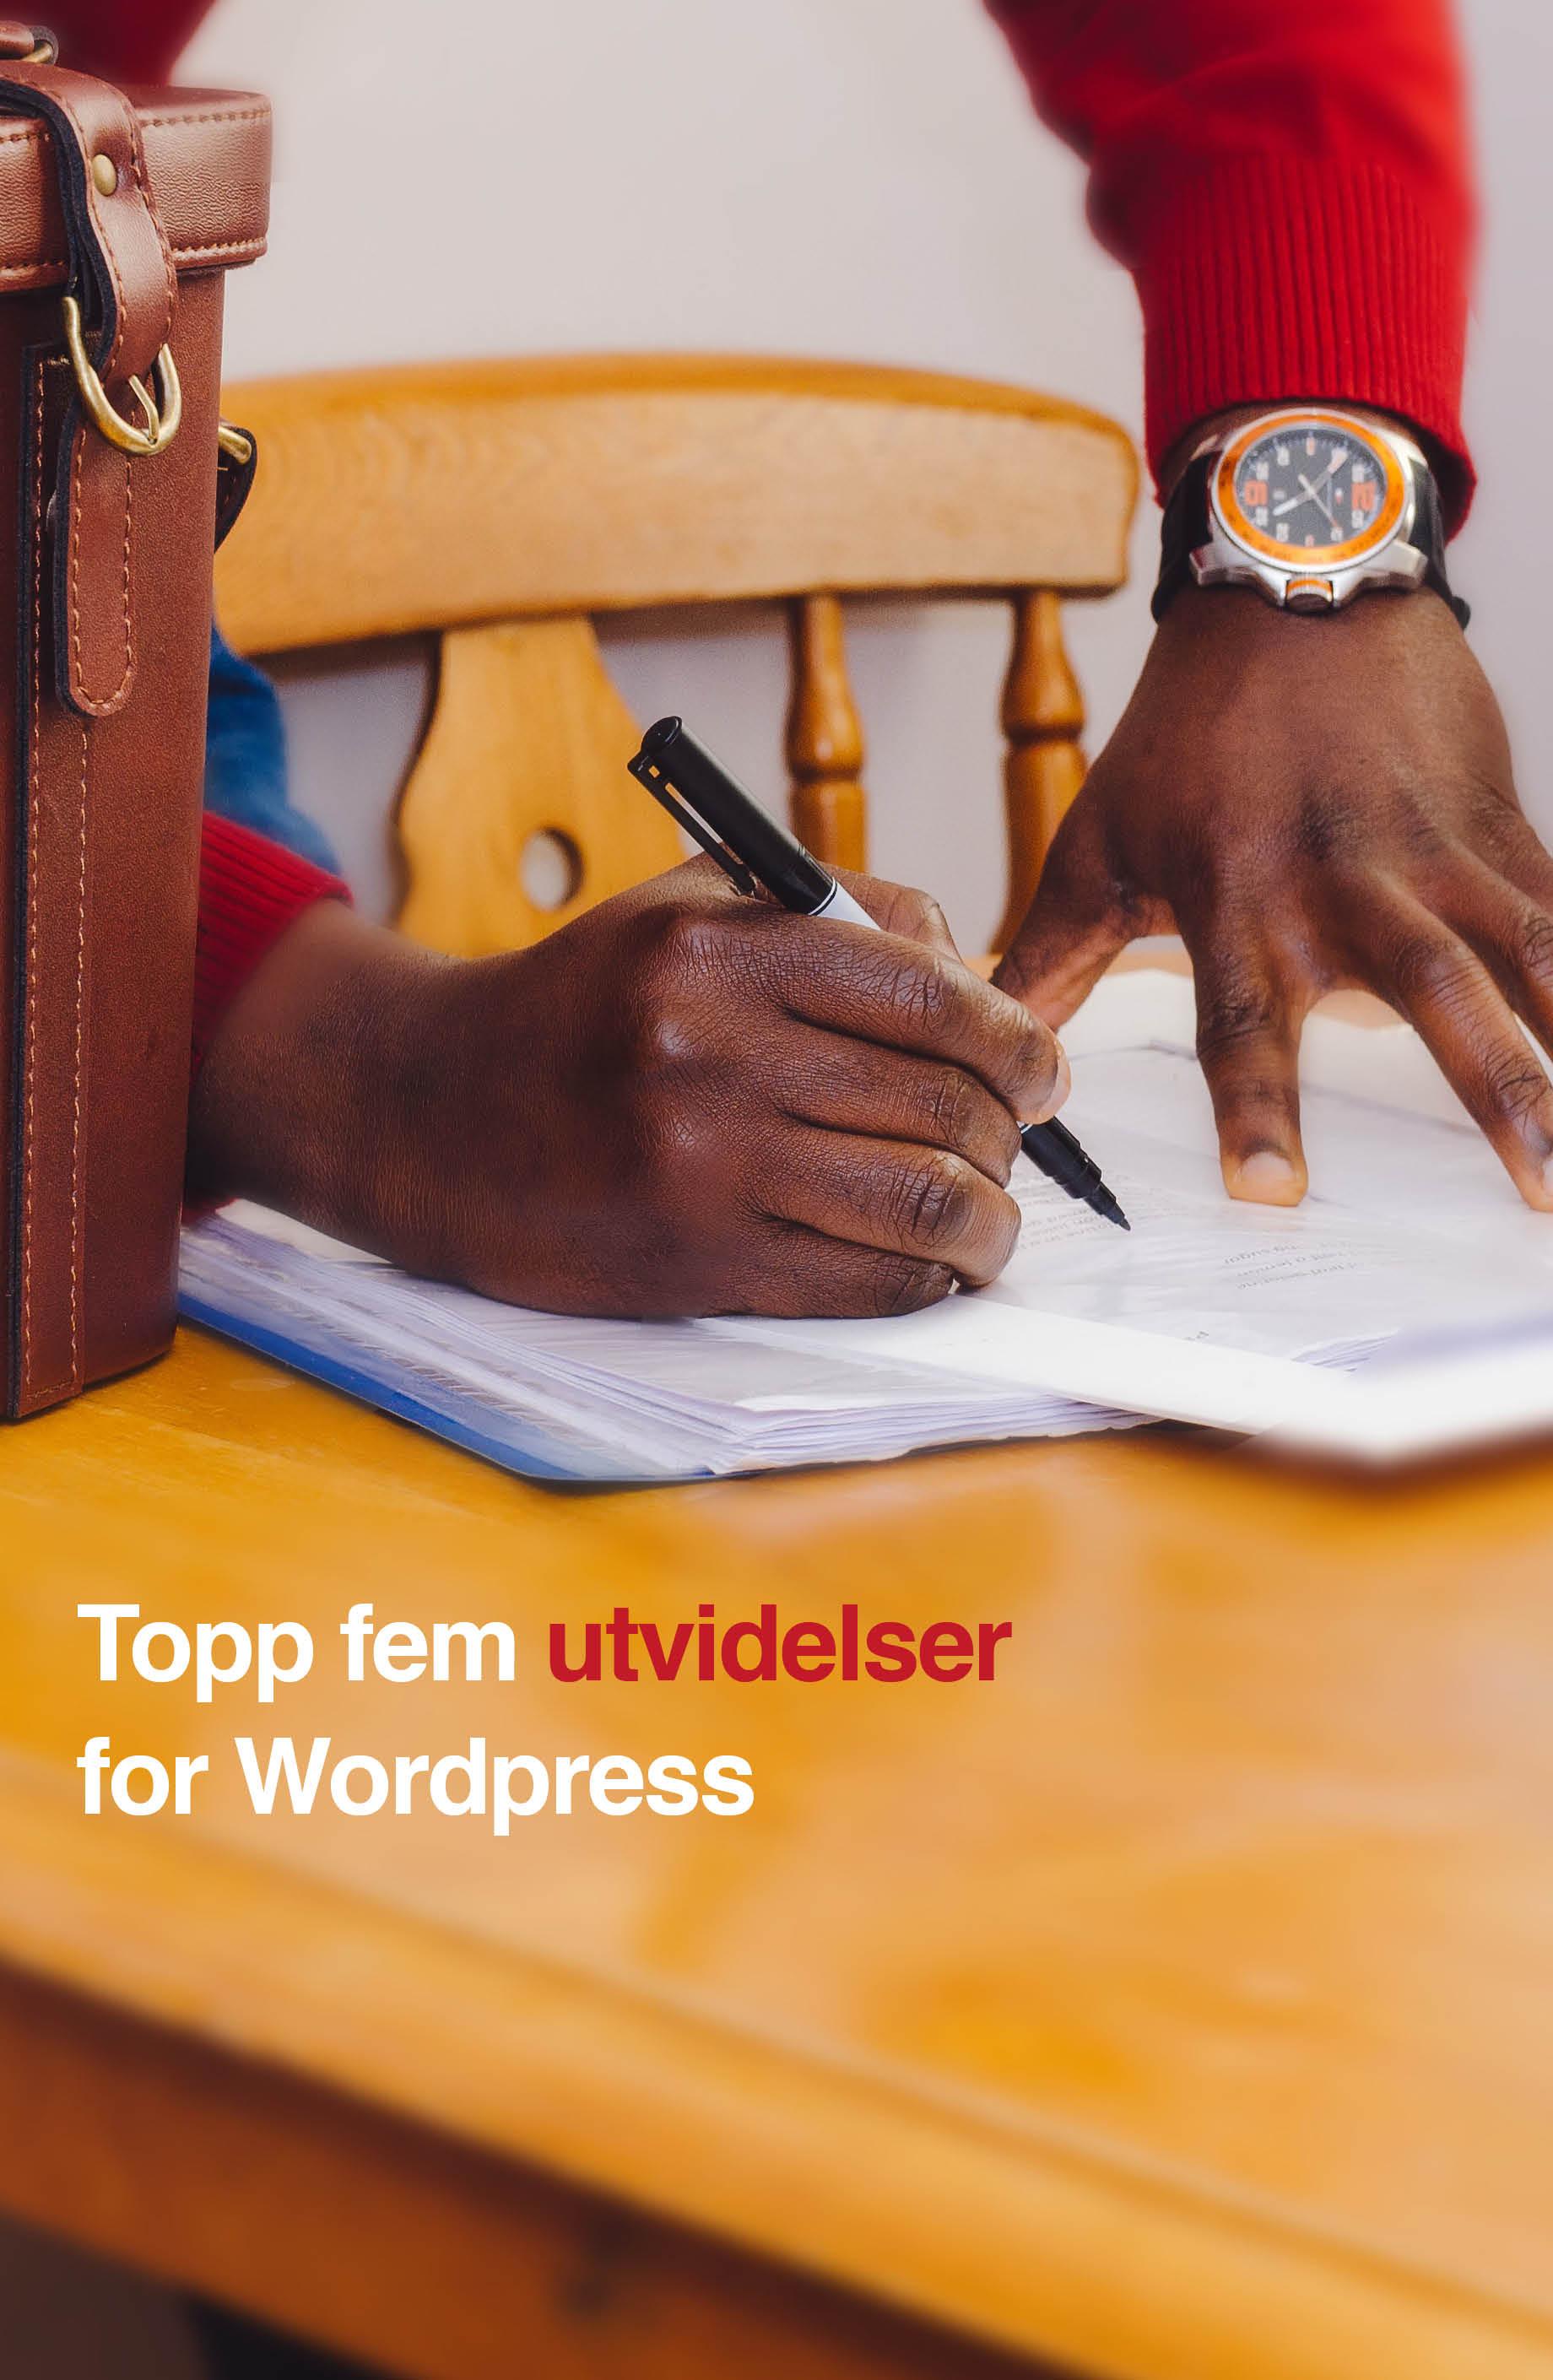 Ny med Wordpress? Her er fem utvidelser du bør ha.